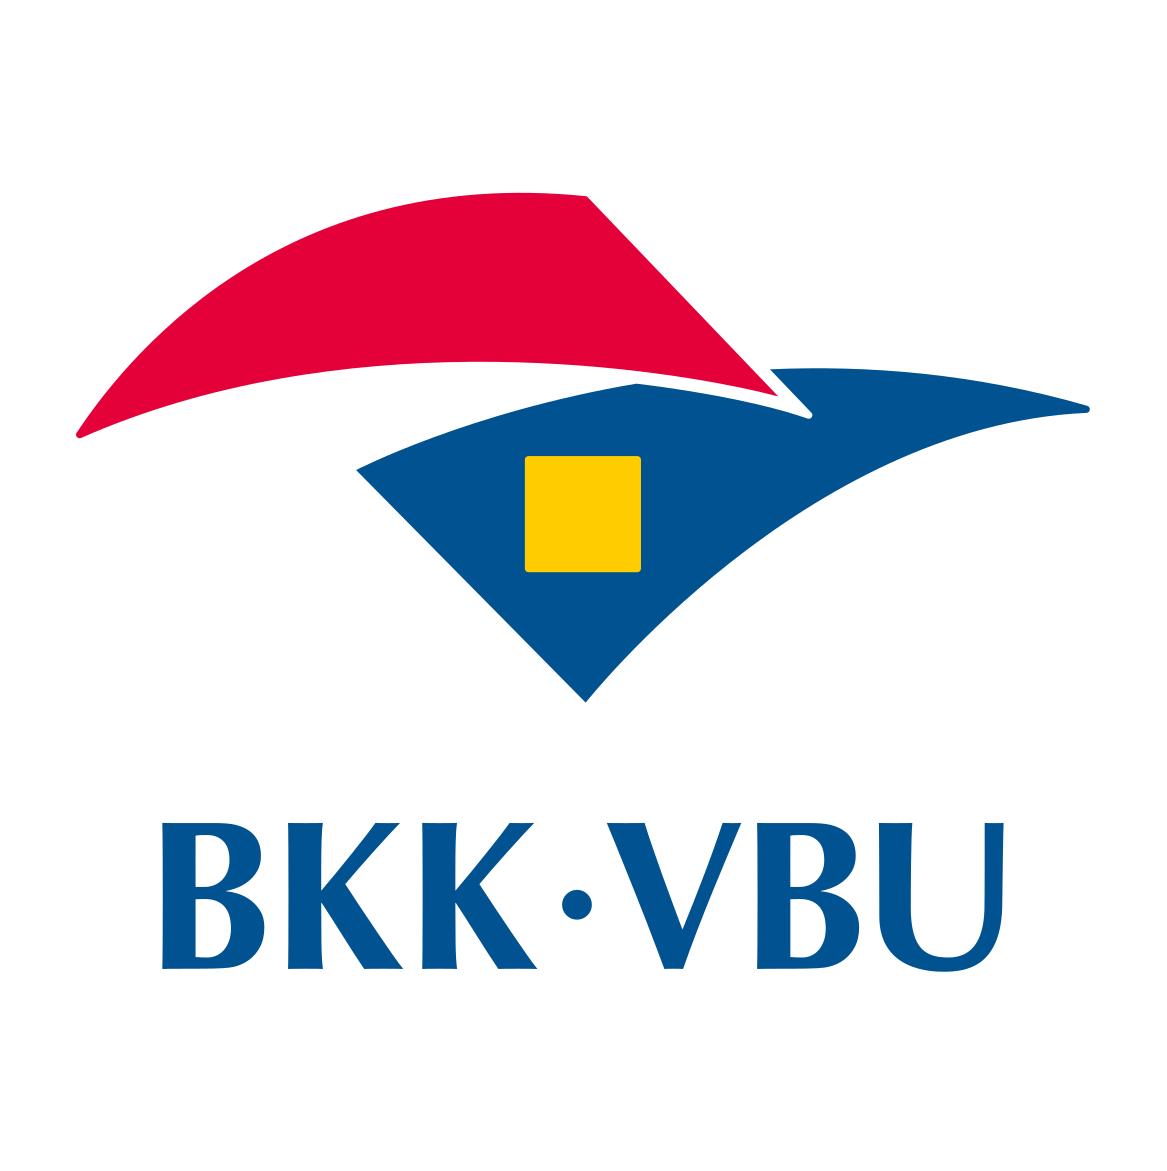 bkk_vbu_logo